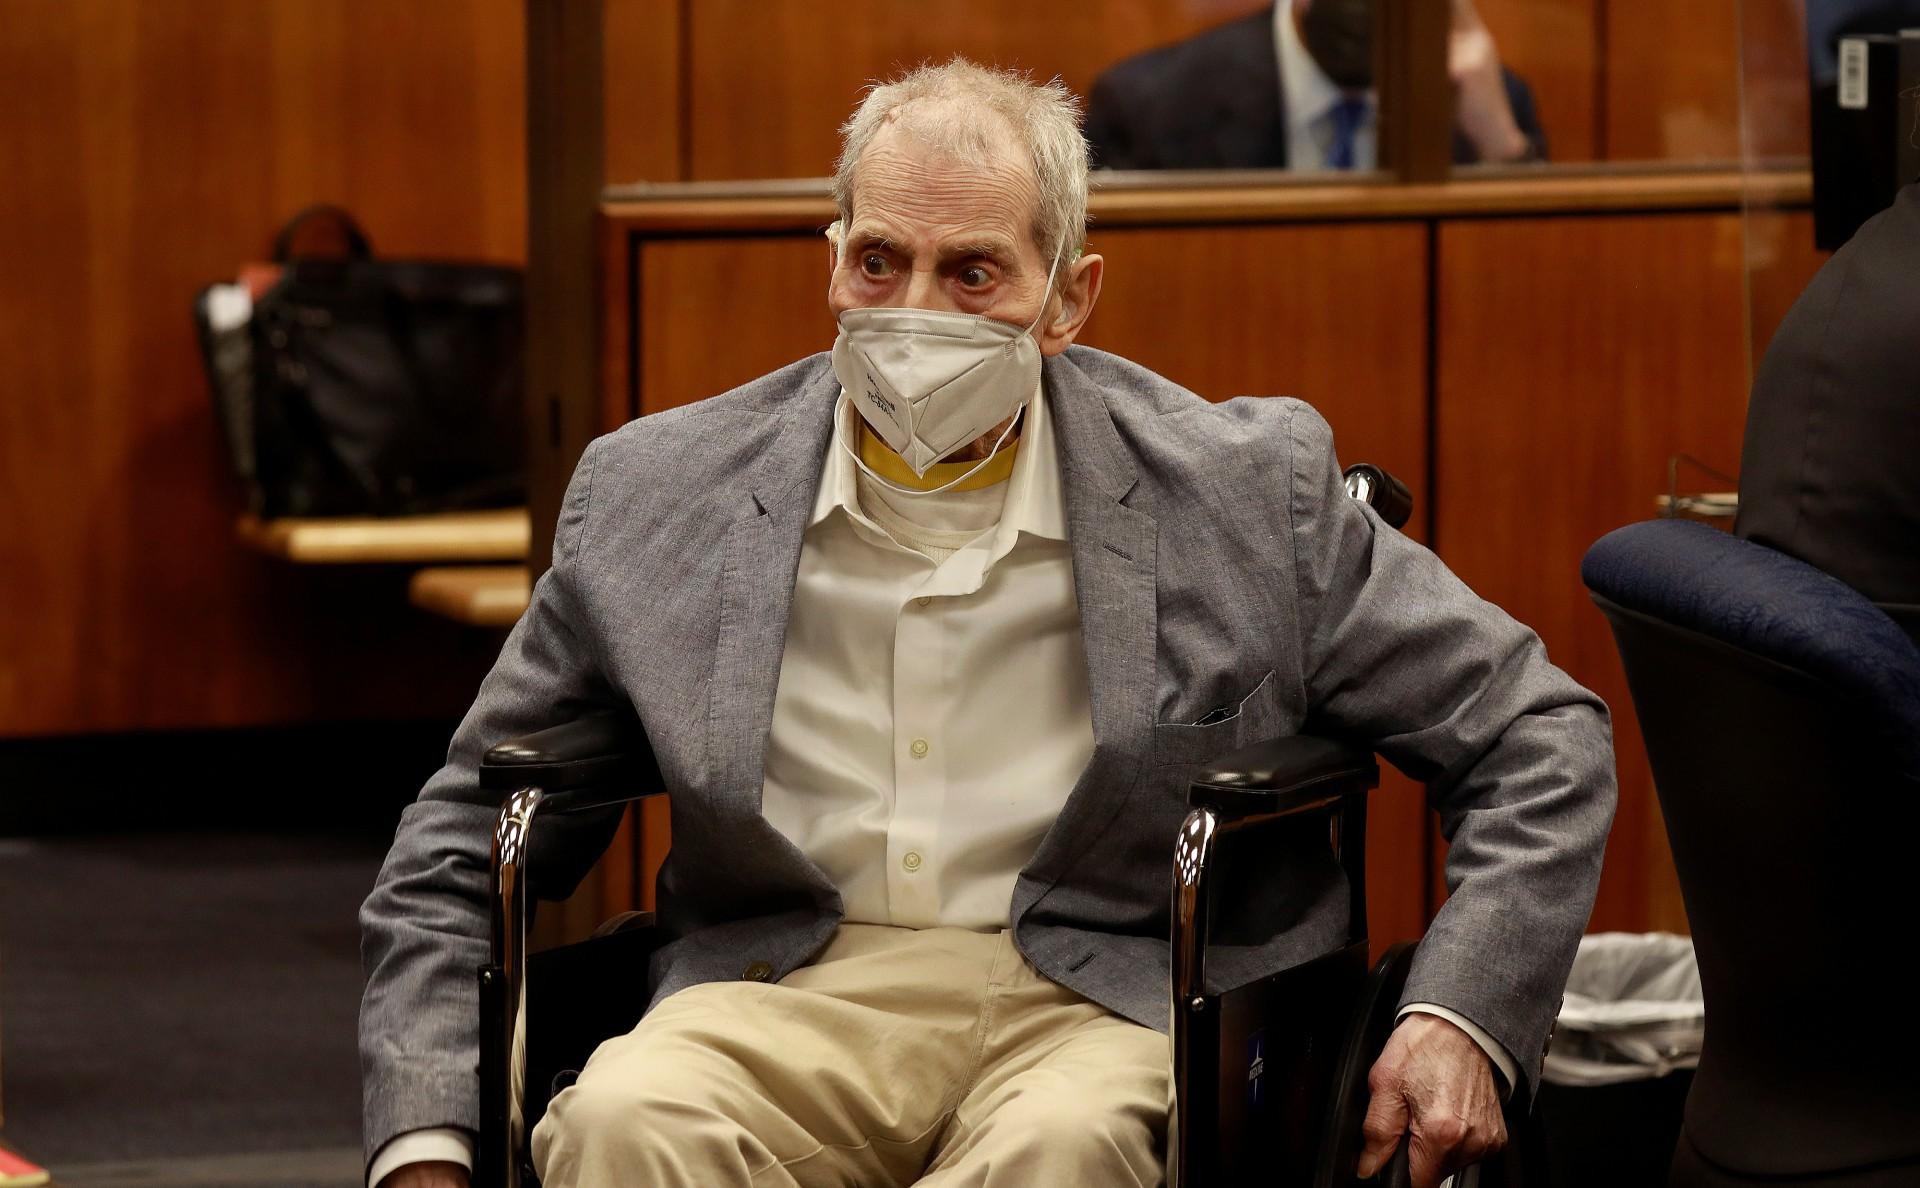 В США миллиардер получил пожизненный срок за убийство, в котором случайно признался на съемках сериала о себе